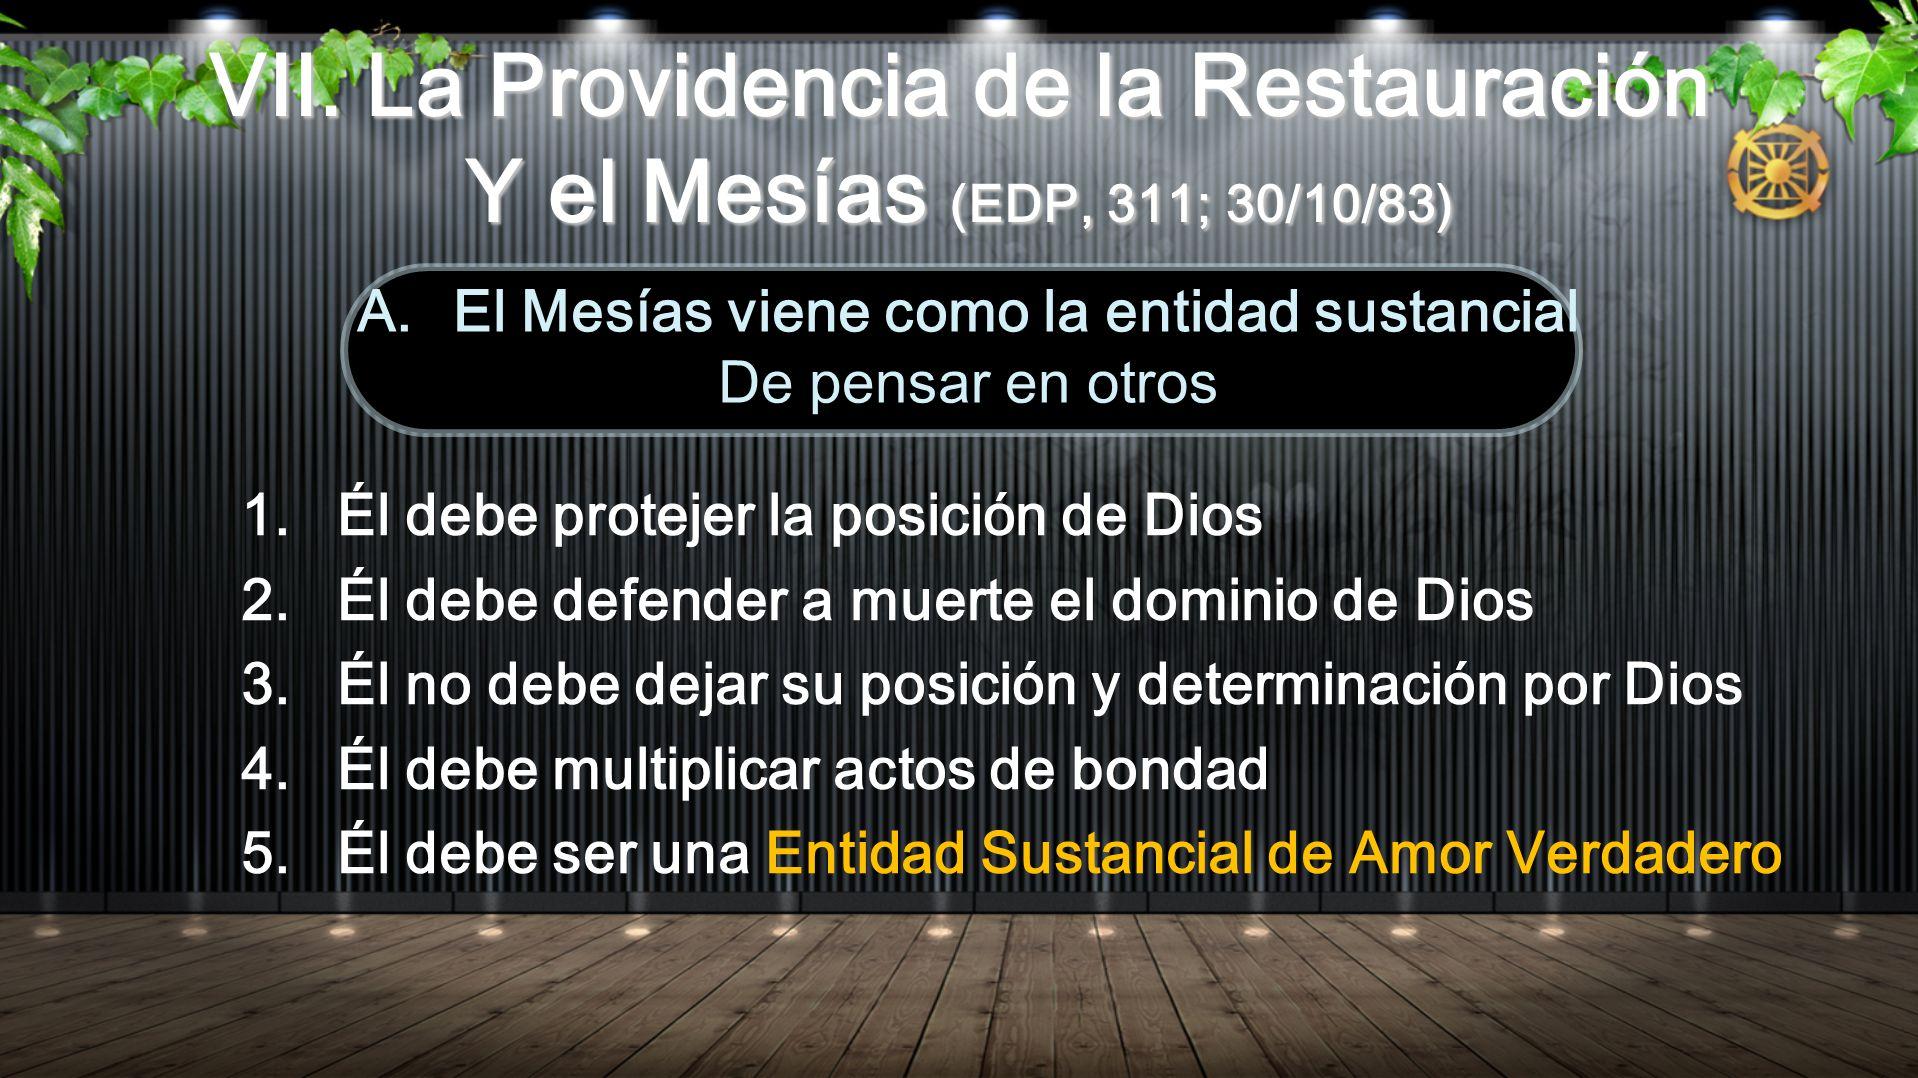 1. Él debe protejer la posición de Dios 2. Él debe defender a muerte el dominio de Dios 3. Él no debe dejar su posición y determinación por Dios 4. Él